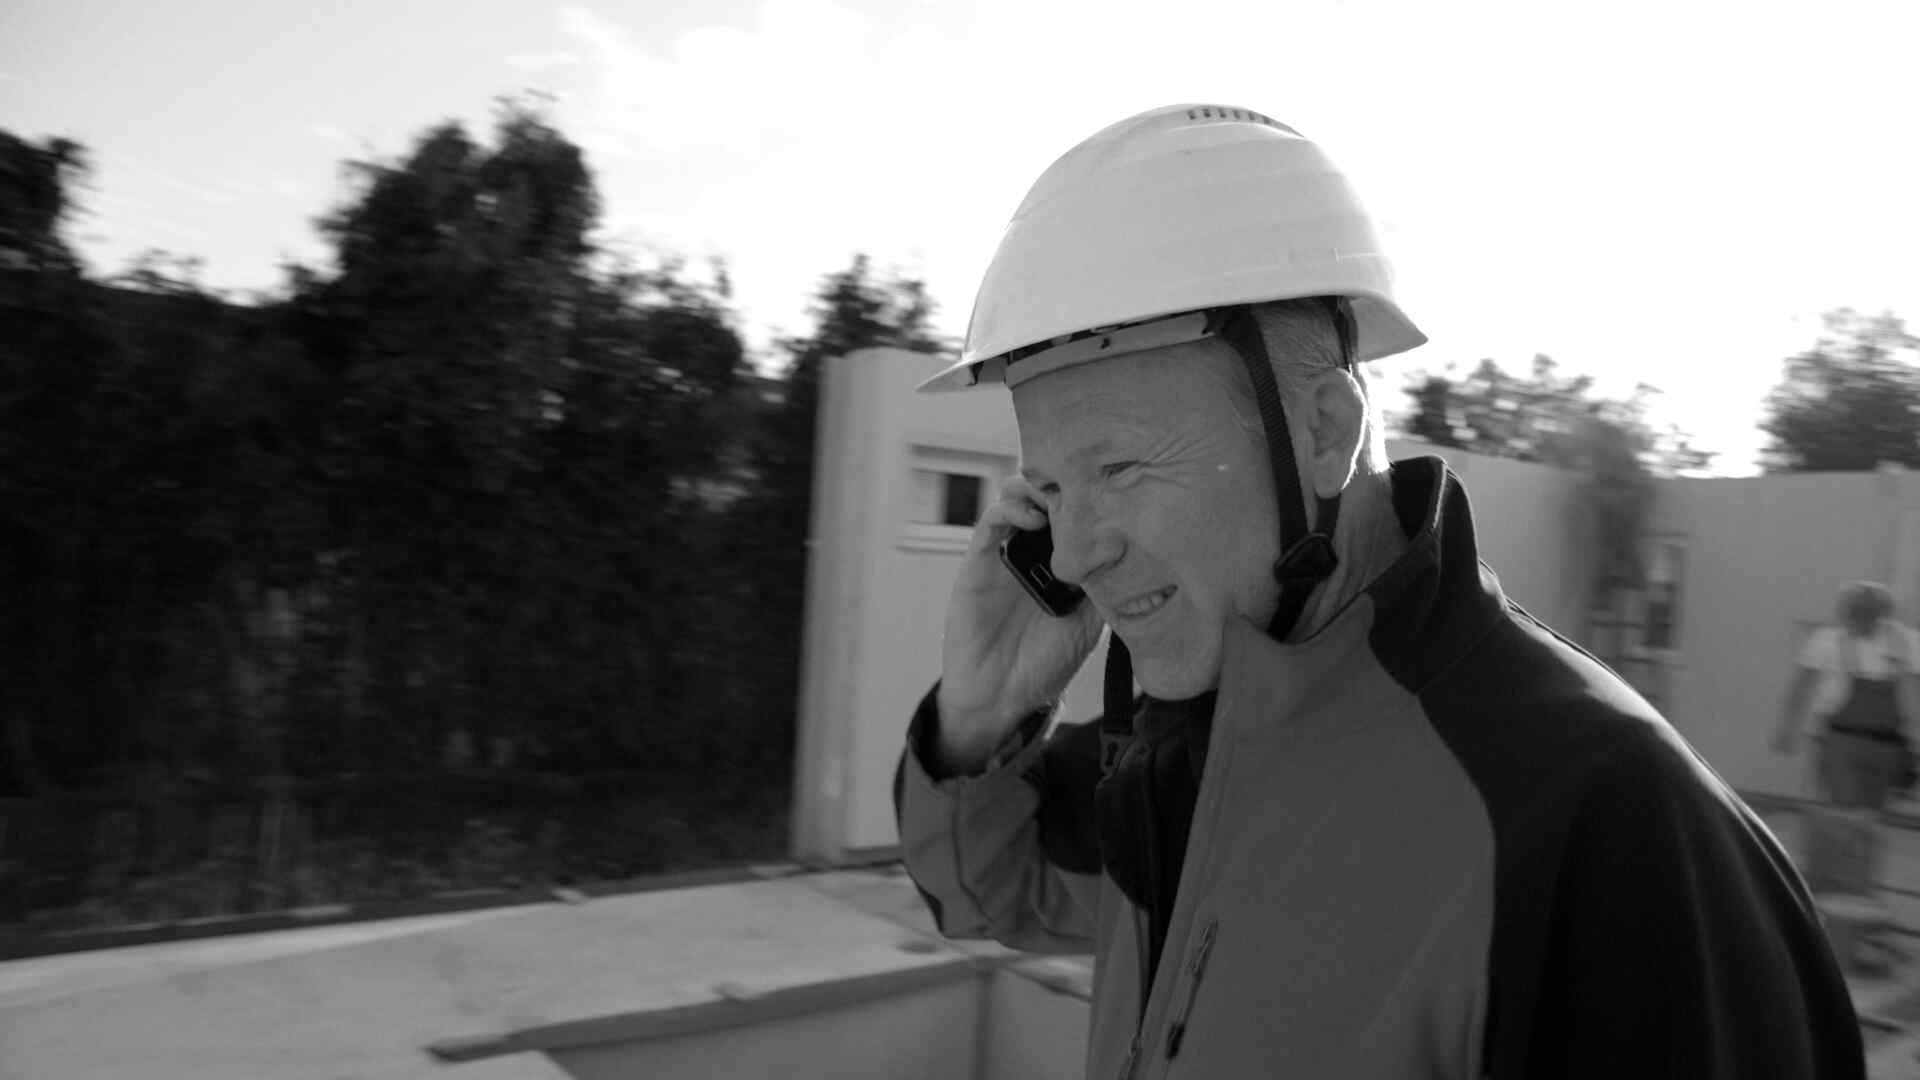 Ihr Persönlicher Bauleiter Koordiniert Und Kontrolliert Alle Arbeiten Vor  Ort. Im Bild Sehen Sie Einen Unserer Erfahrenen Bauleiter: Walter  Edelhofer, ...